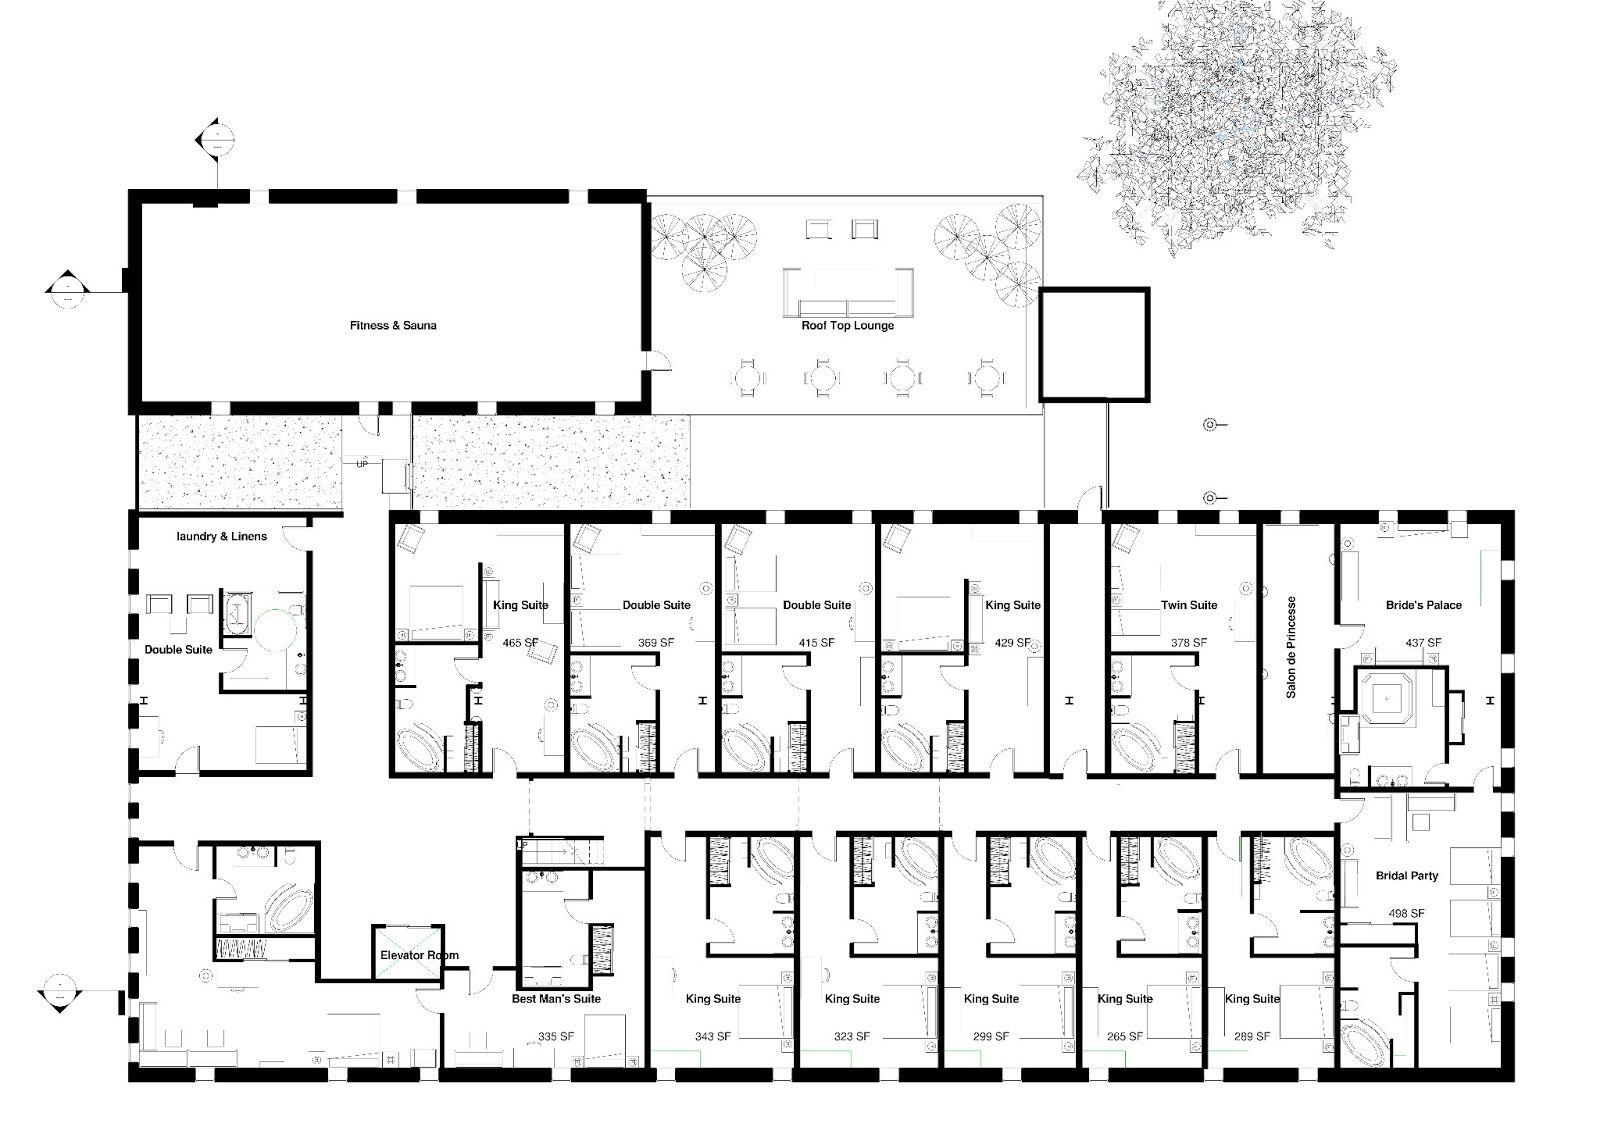 hotel layout 1.bp.blogspot.com -FbM1cIO4Bpg UP714PKdDeI AAAAAAAACyI oJPryExjKrc ...